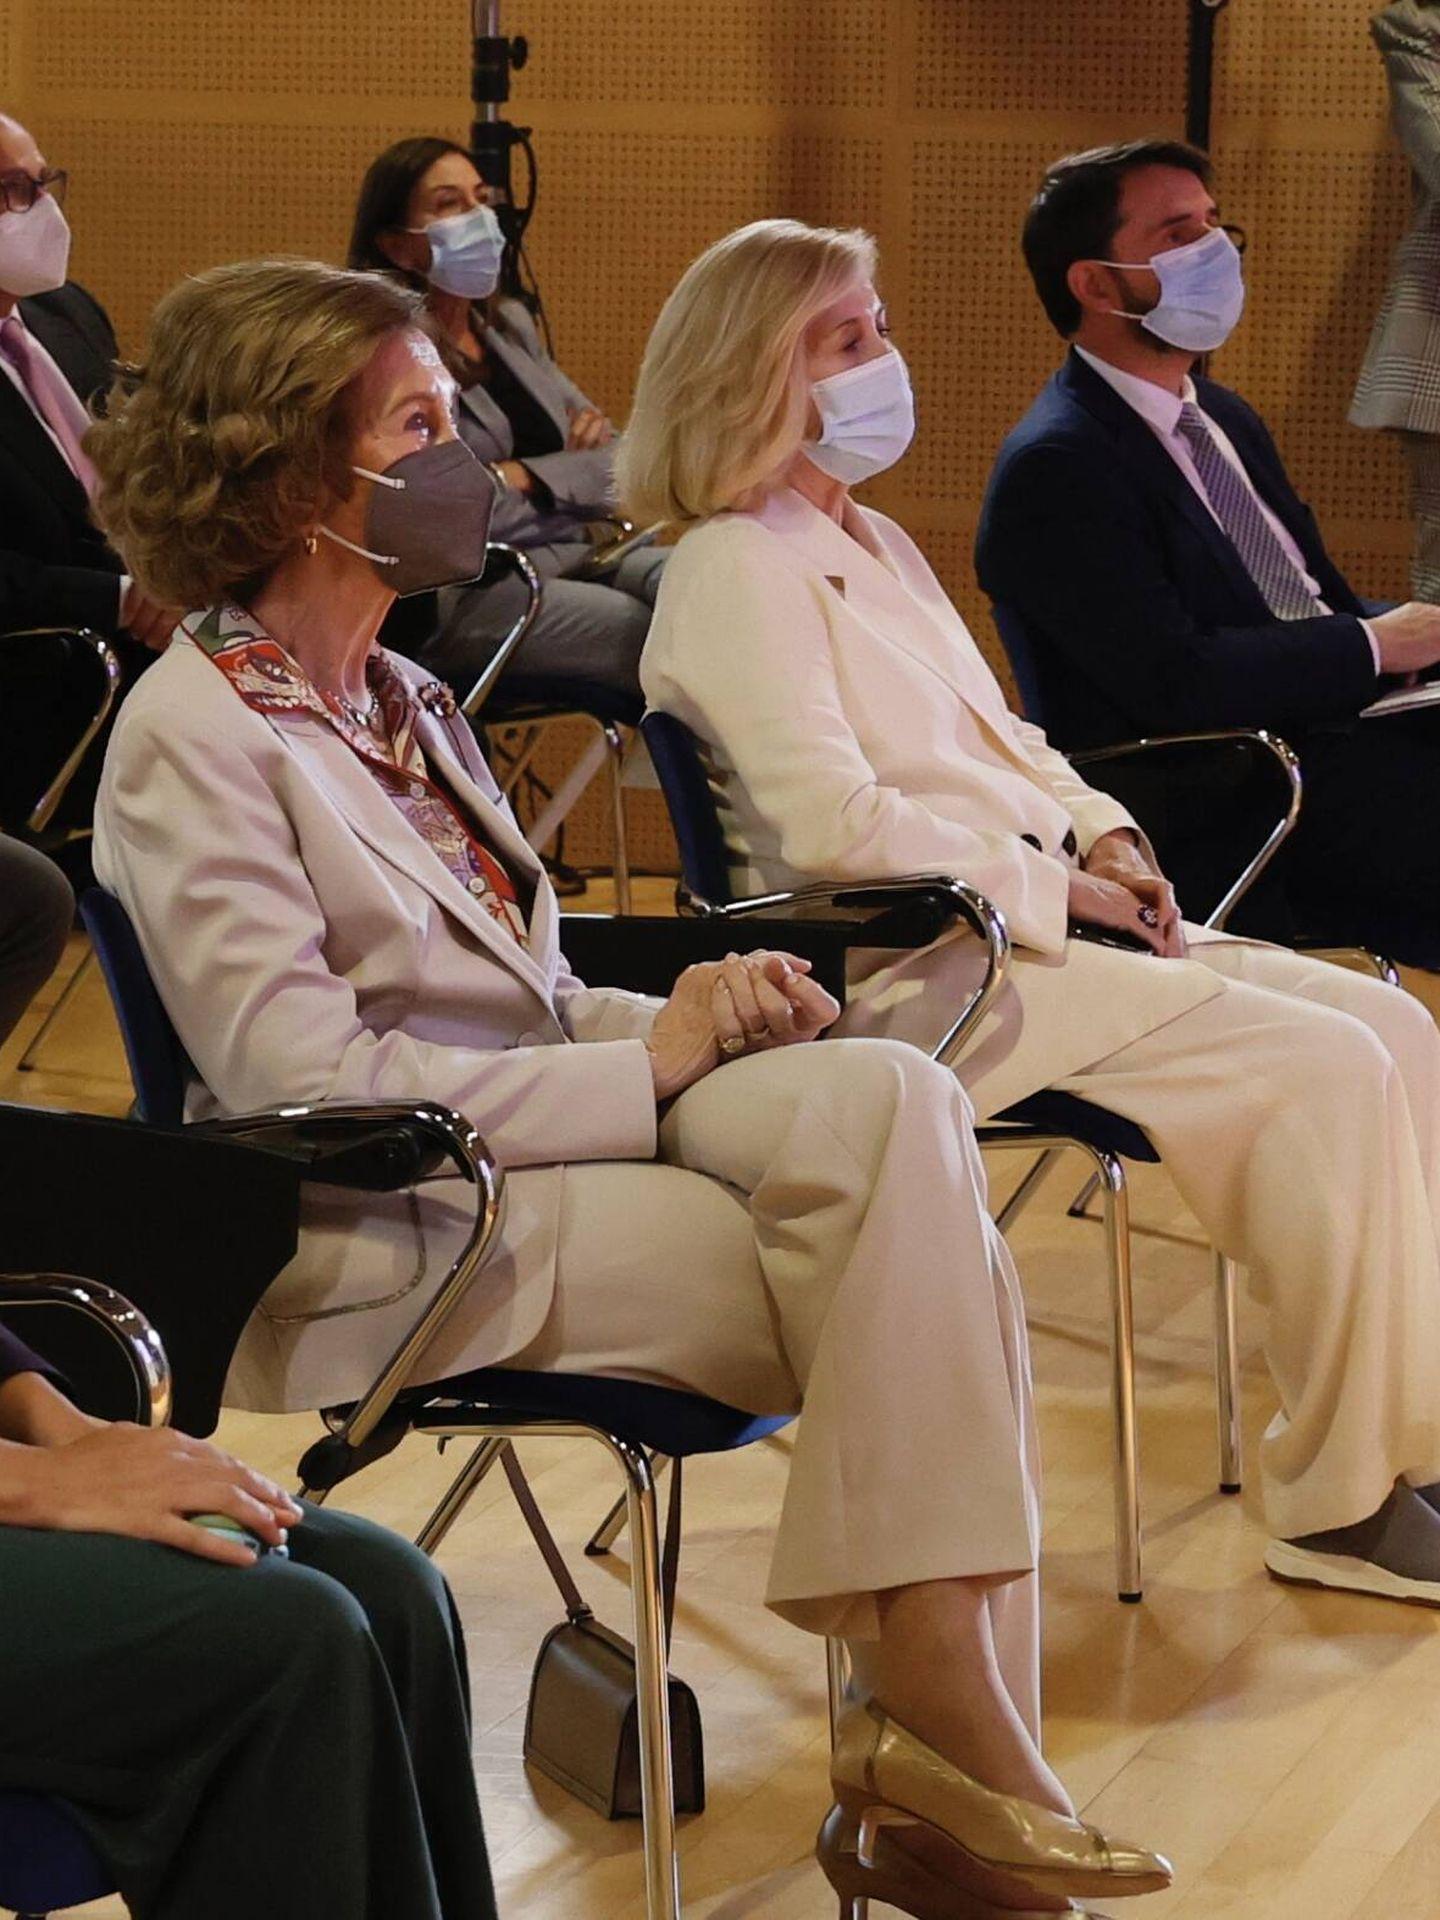 La reina Sofía, durante el congreso. (Casa de S. M. el Rey)